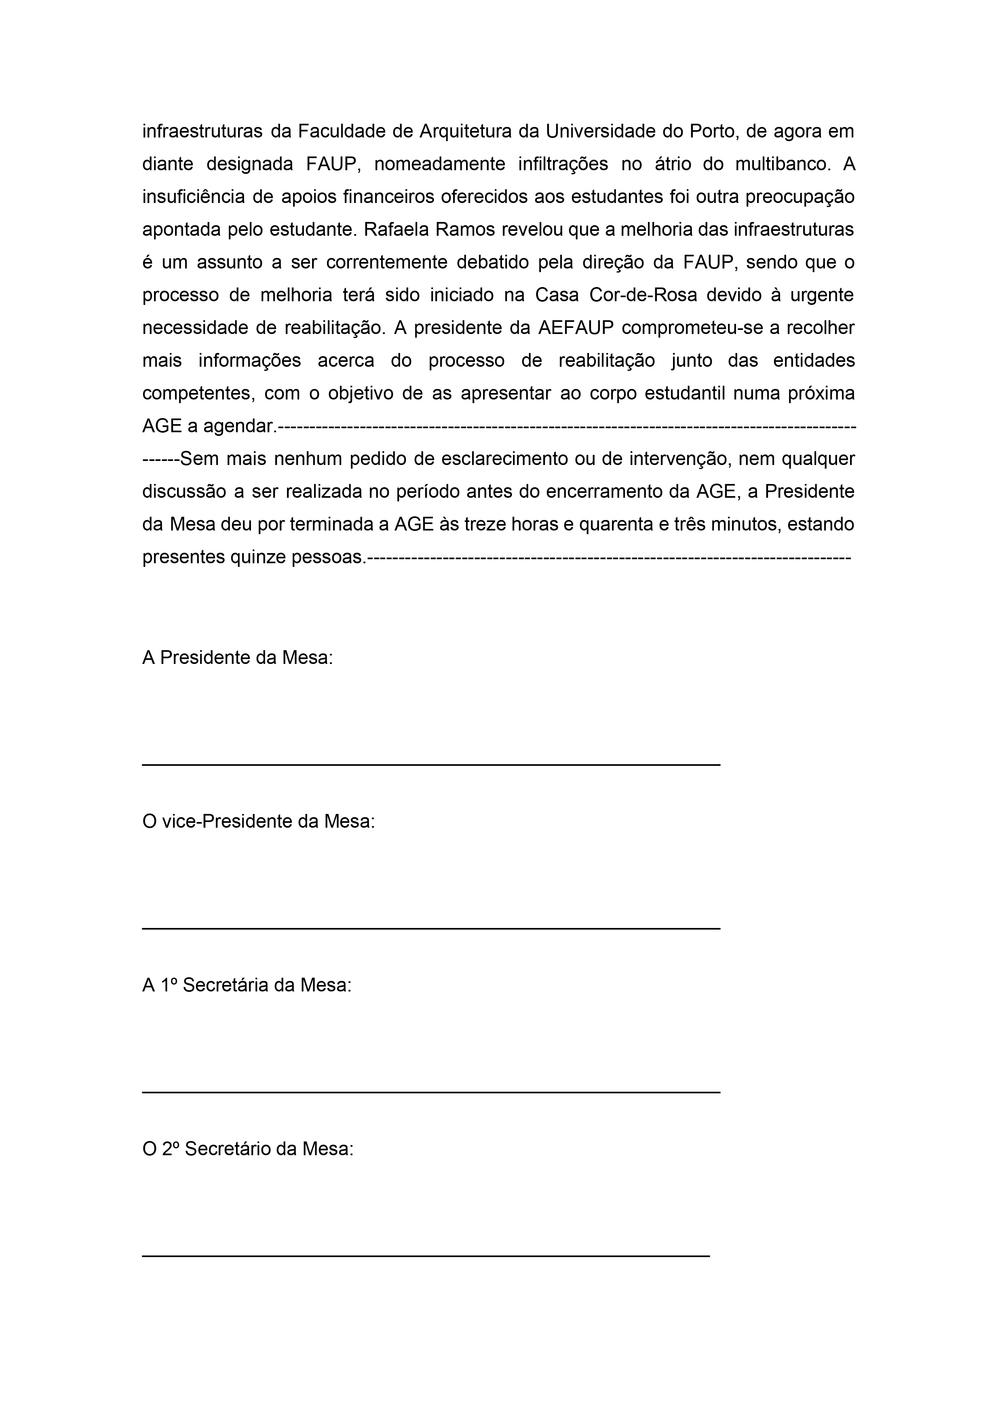 Acta de 16 de Outubro de 2014-2.jpg